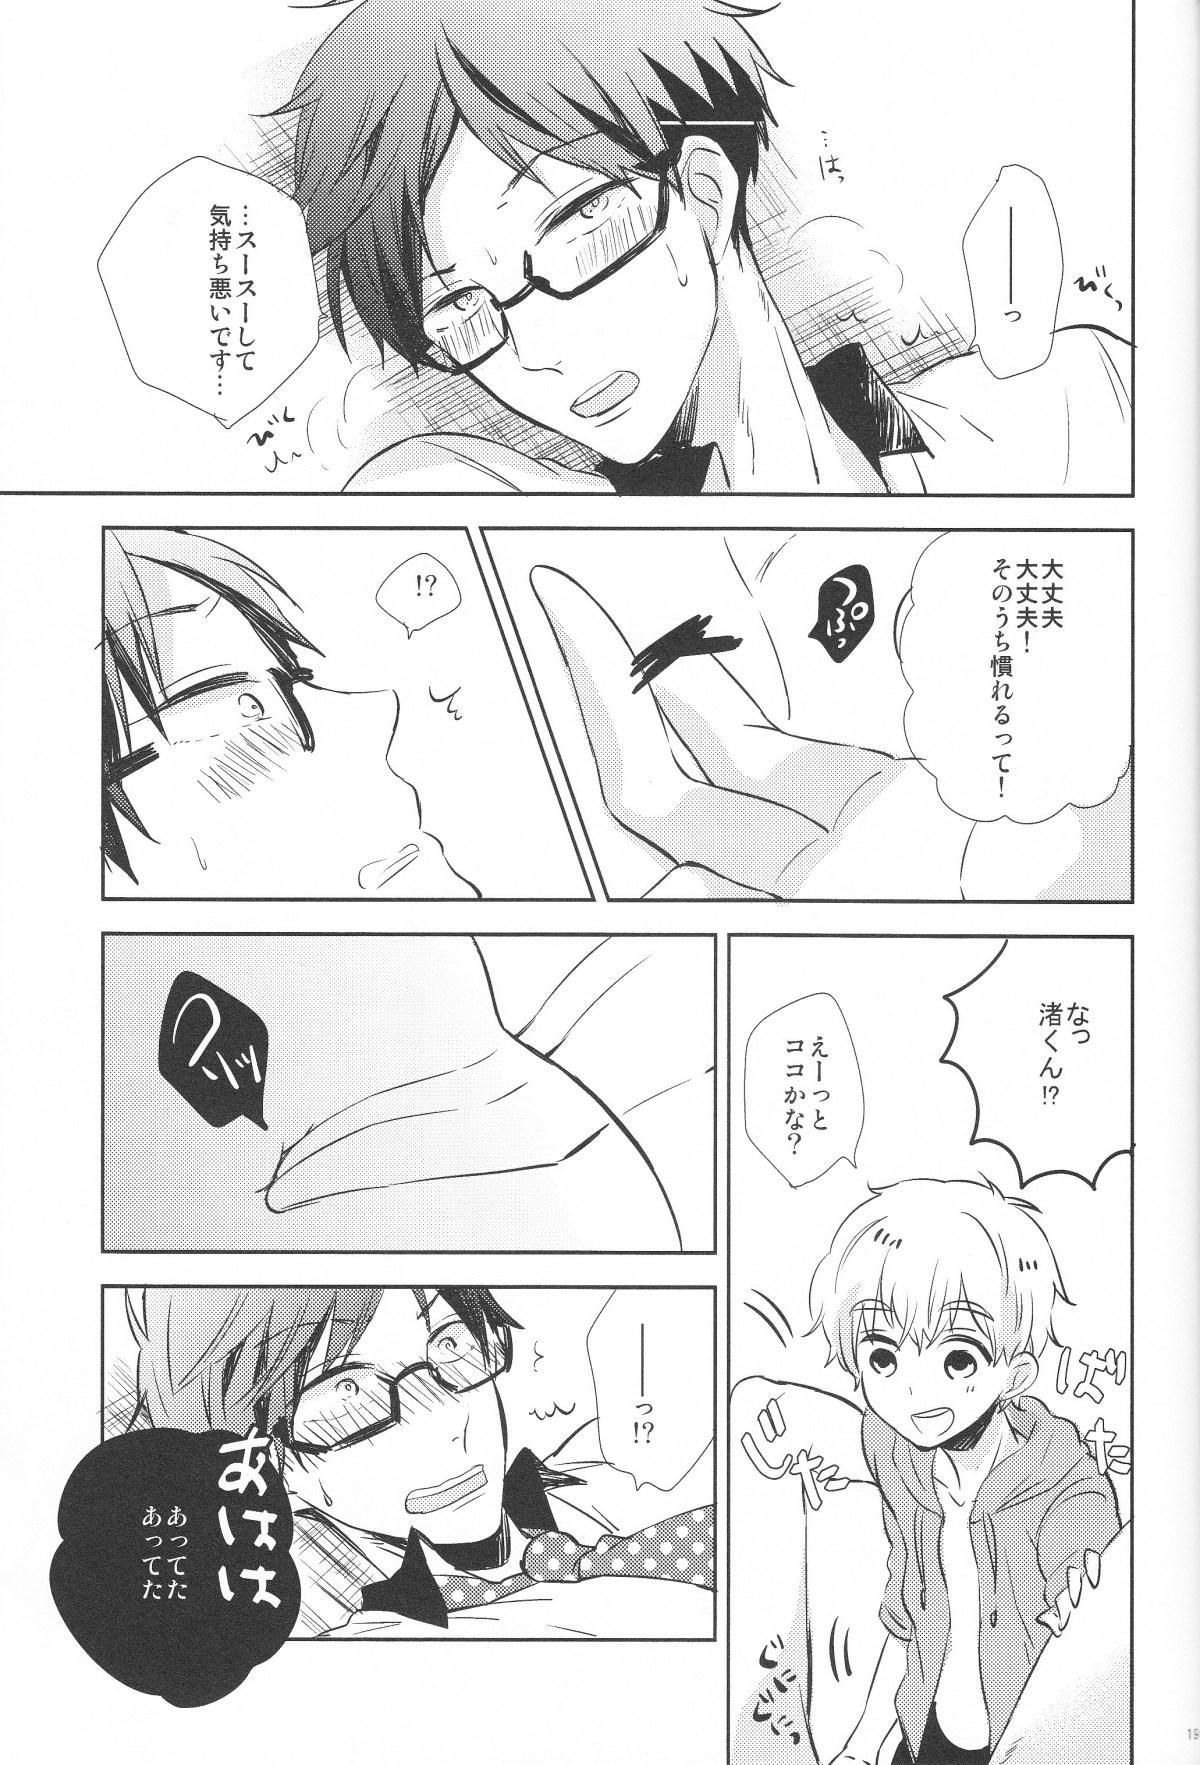 Stop Nagisa-kun! 17